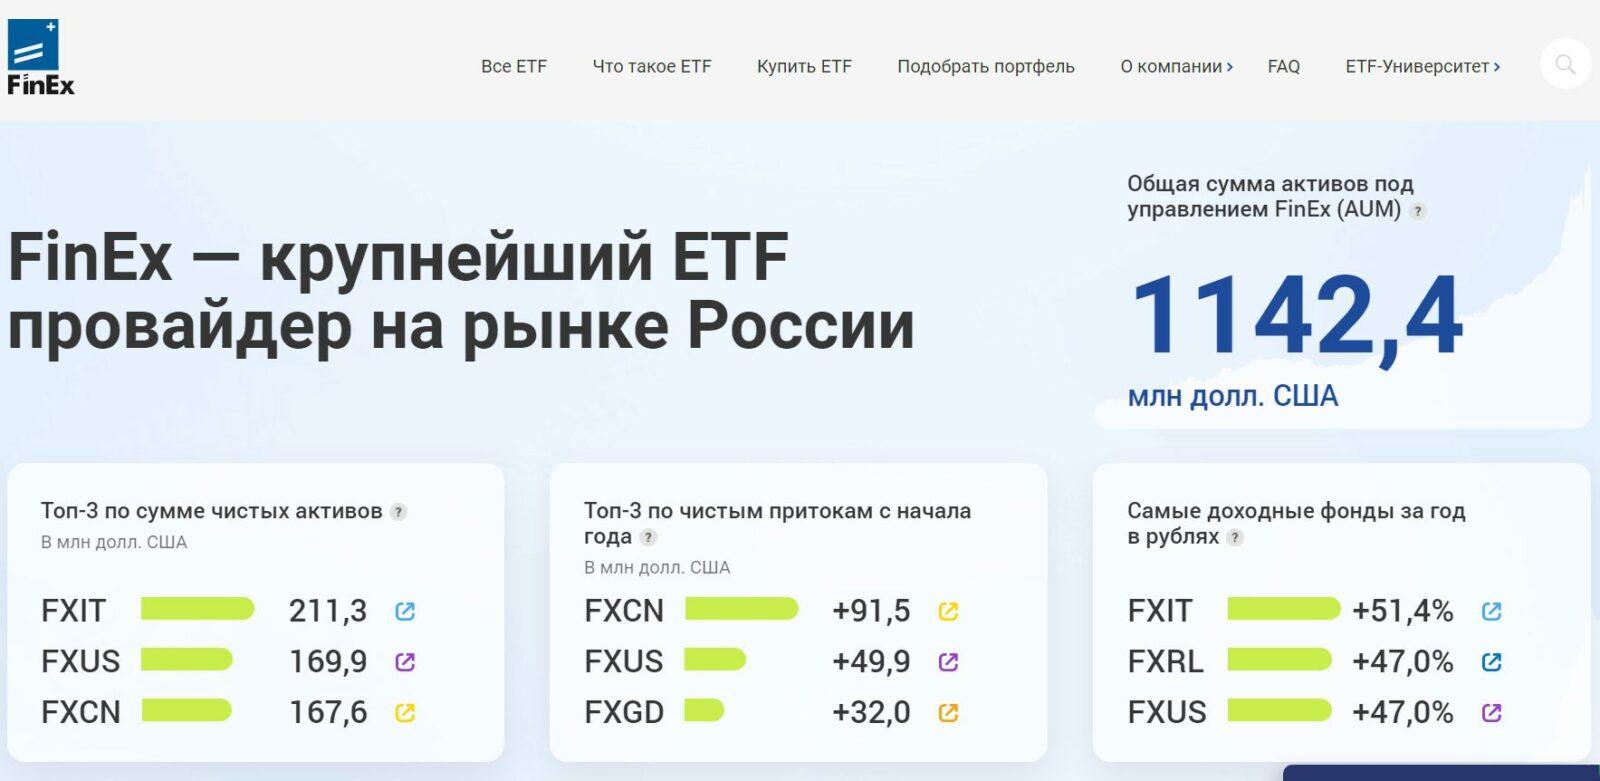 Официальный сайт провайдера Finex ETF